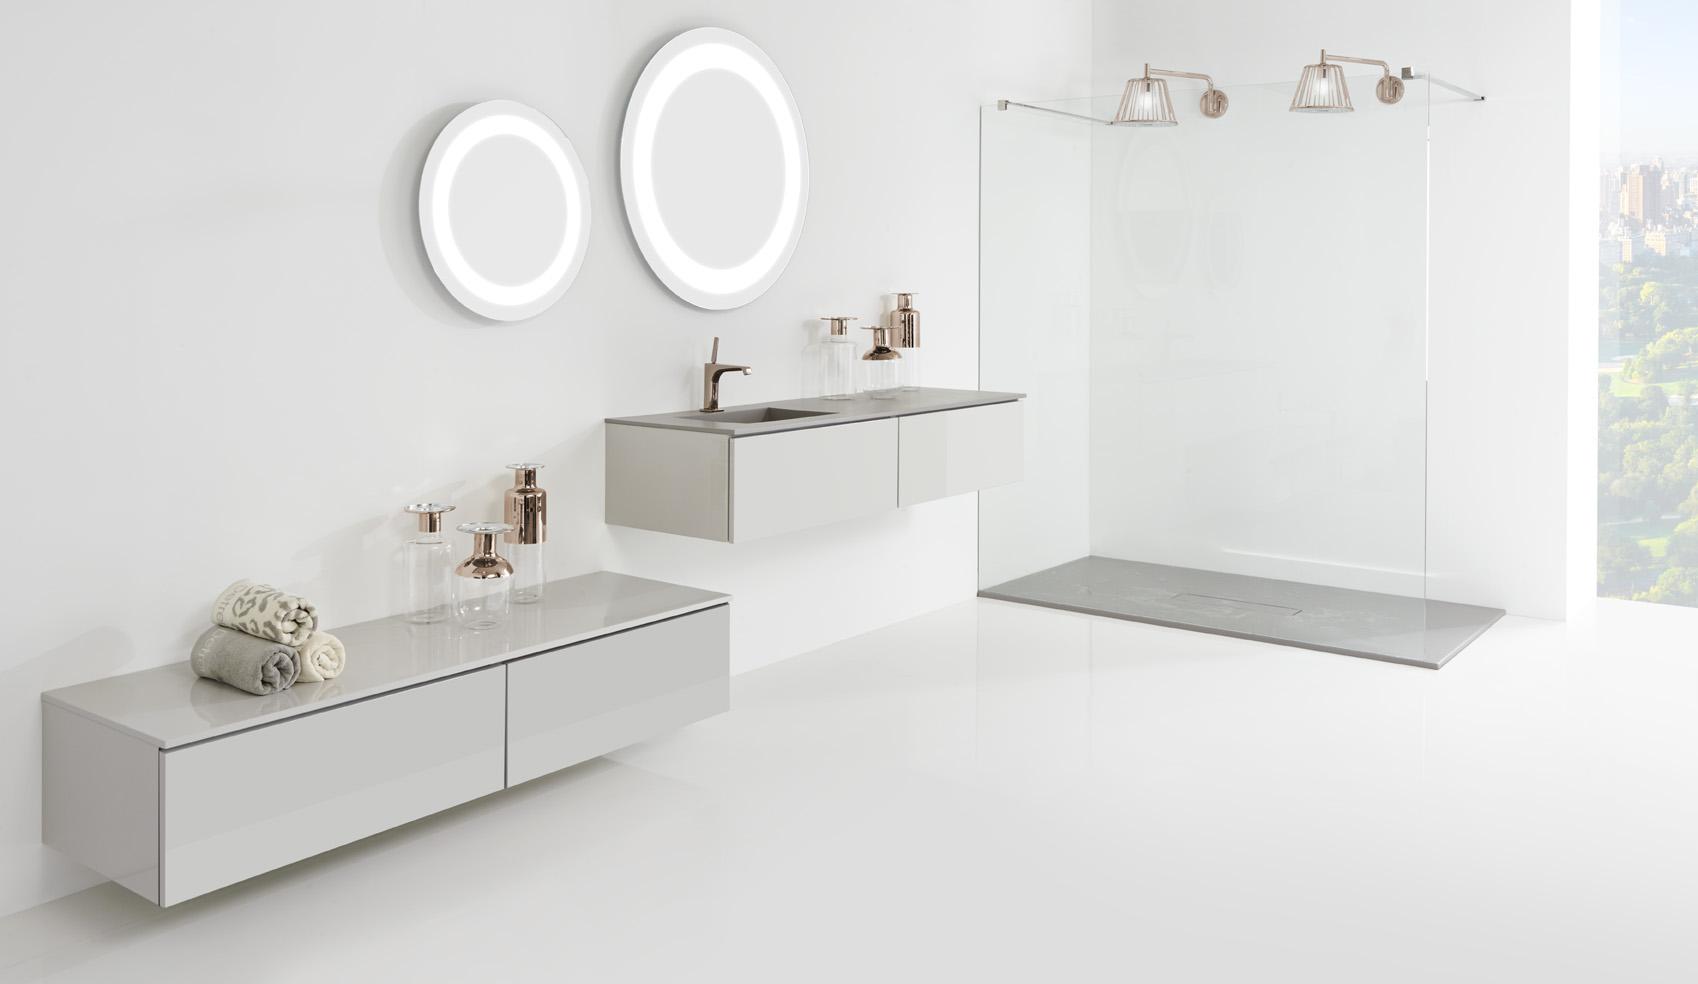 Stijlvol douchebakken met steen structuur steen look nieuws startpagina voor badkamer - Badkamer minerale ...